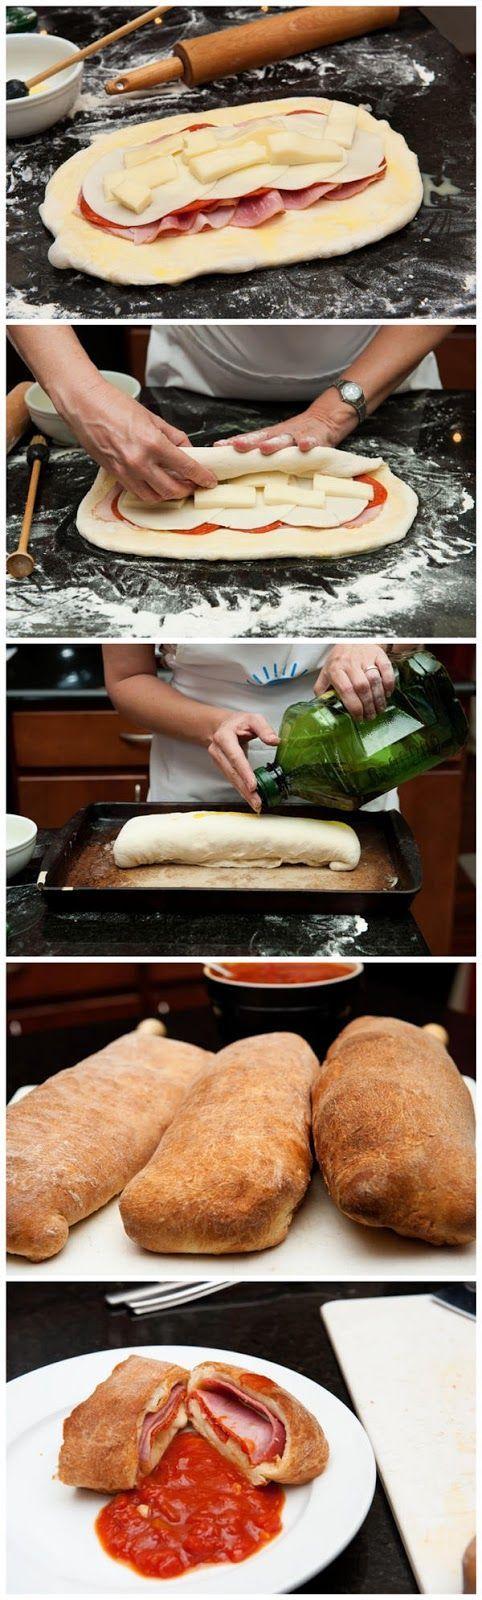 cookglee recipe pictures: Stromboli.